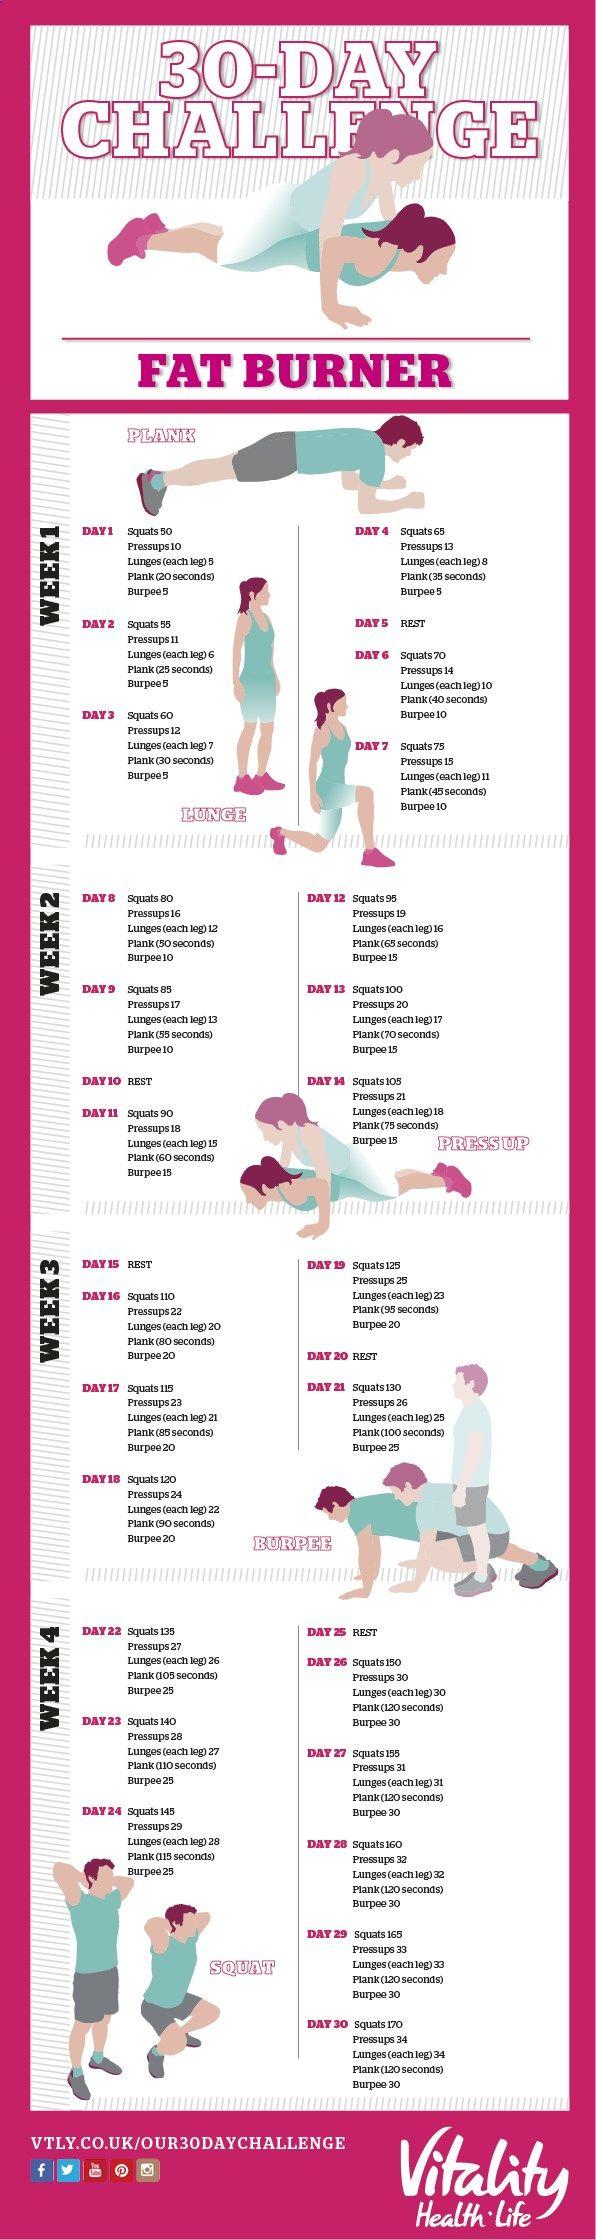 30-DAY CHALLENGE: FAT BURNER weightlosssucesss...